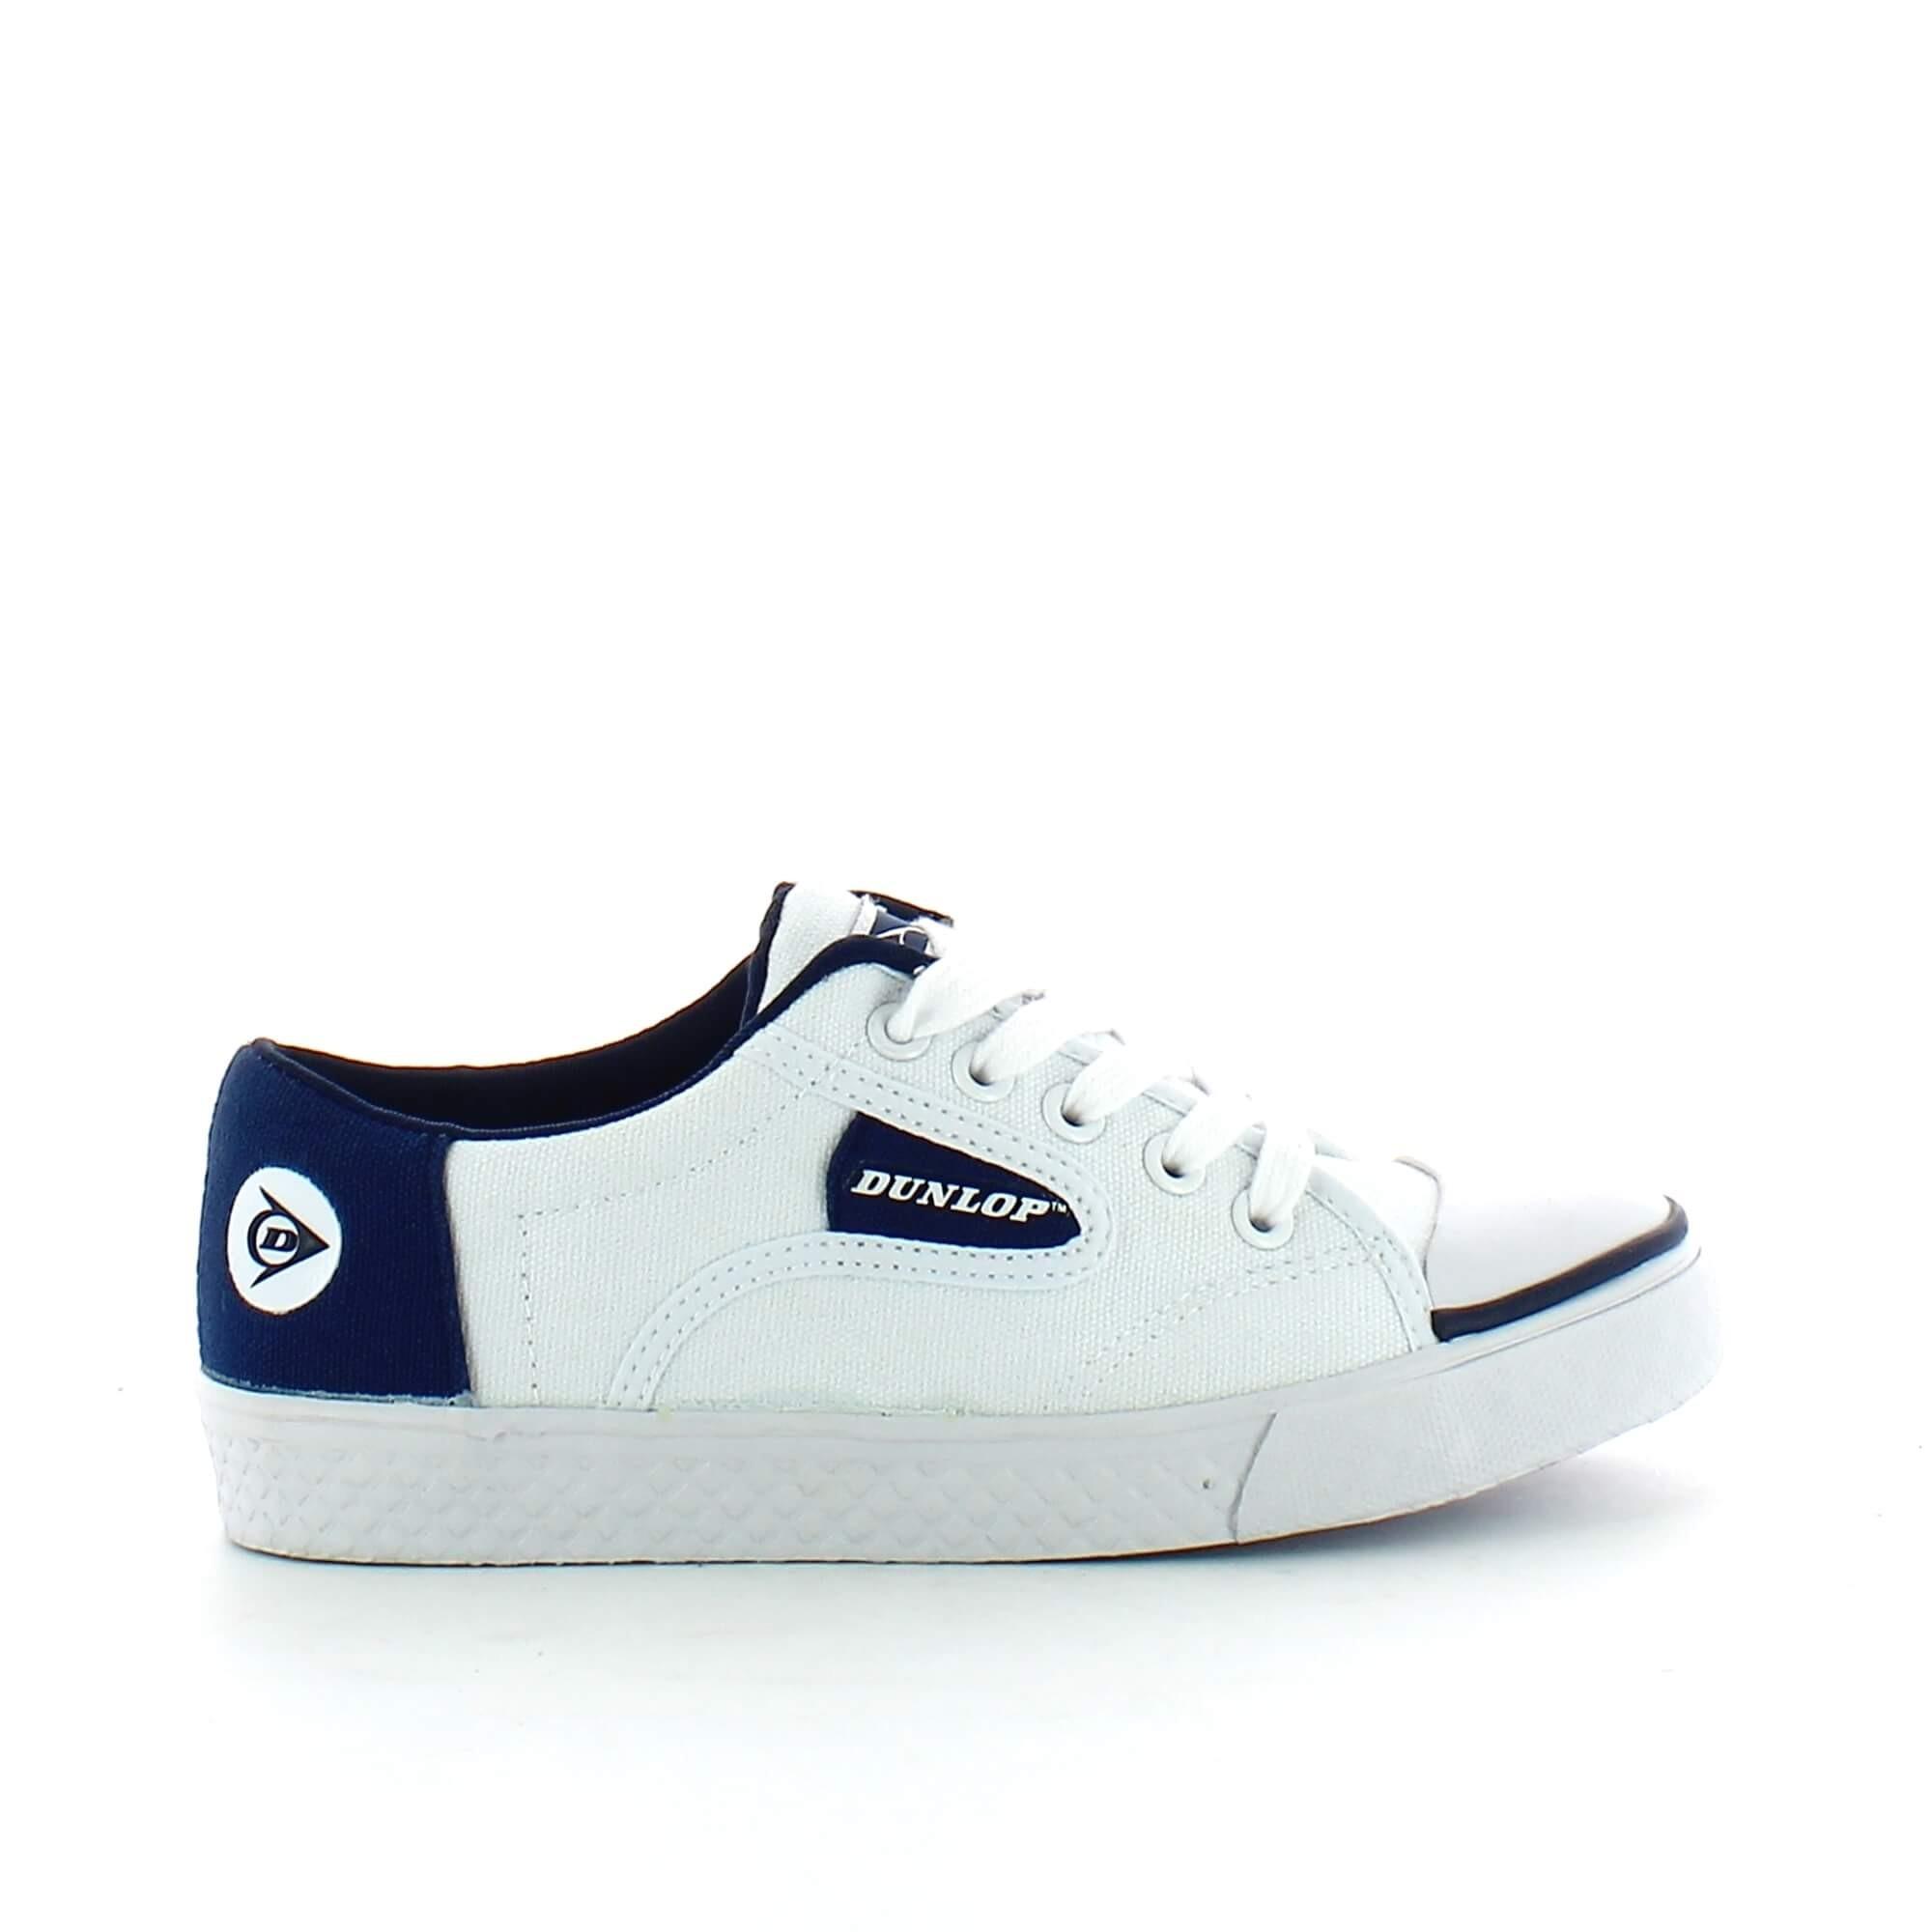 Zapatillas Dunlop blancomarino hombre Deportes Moya